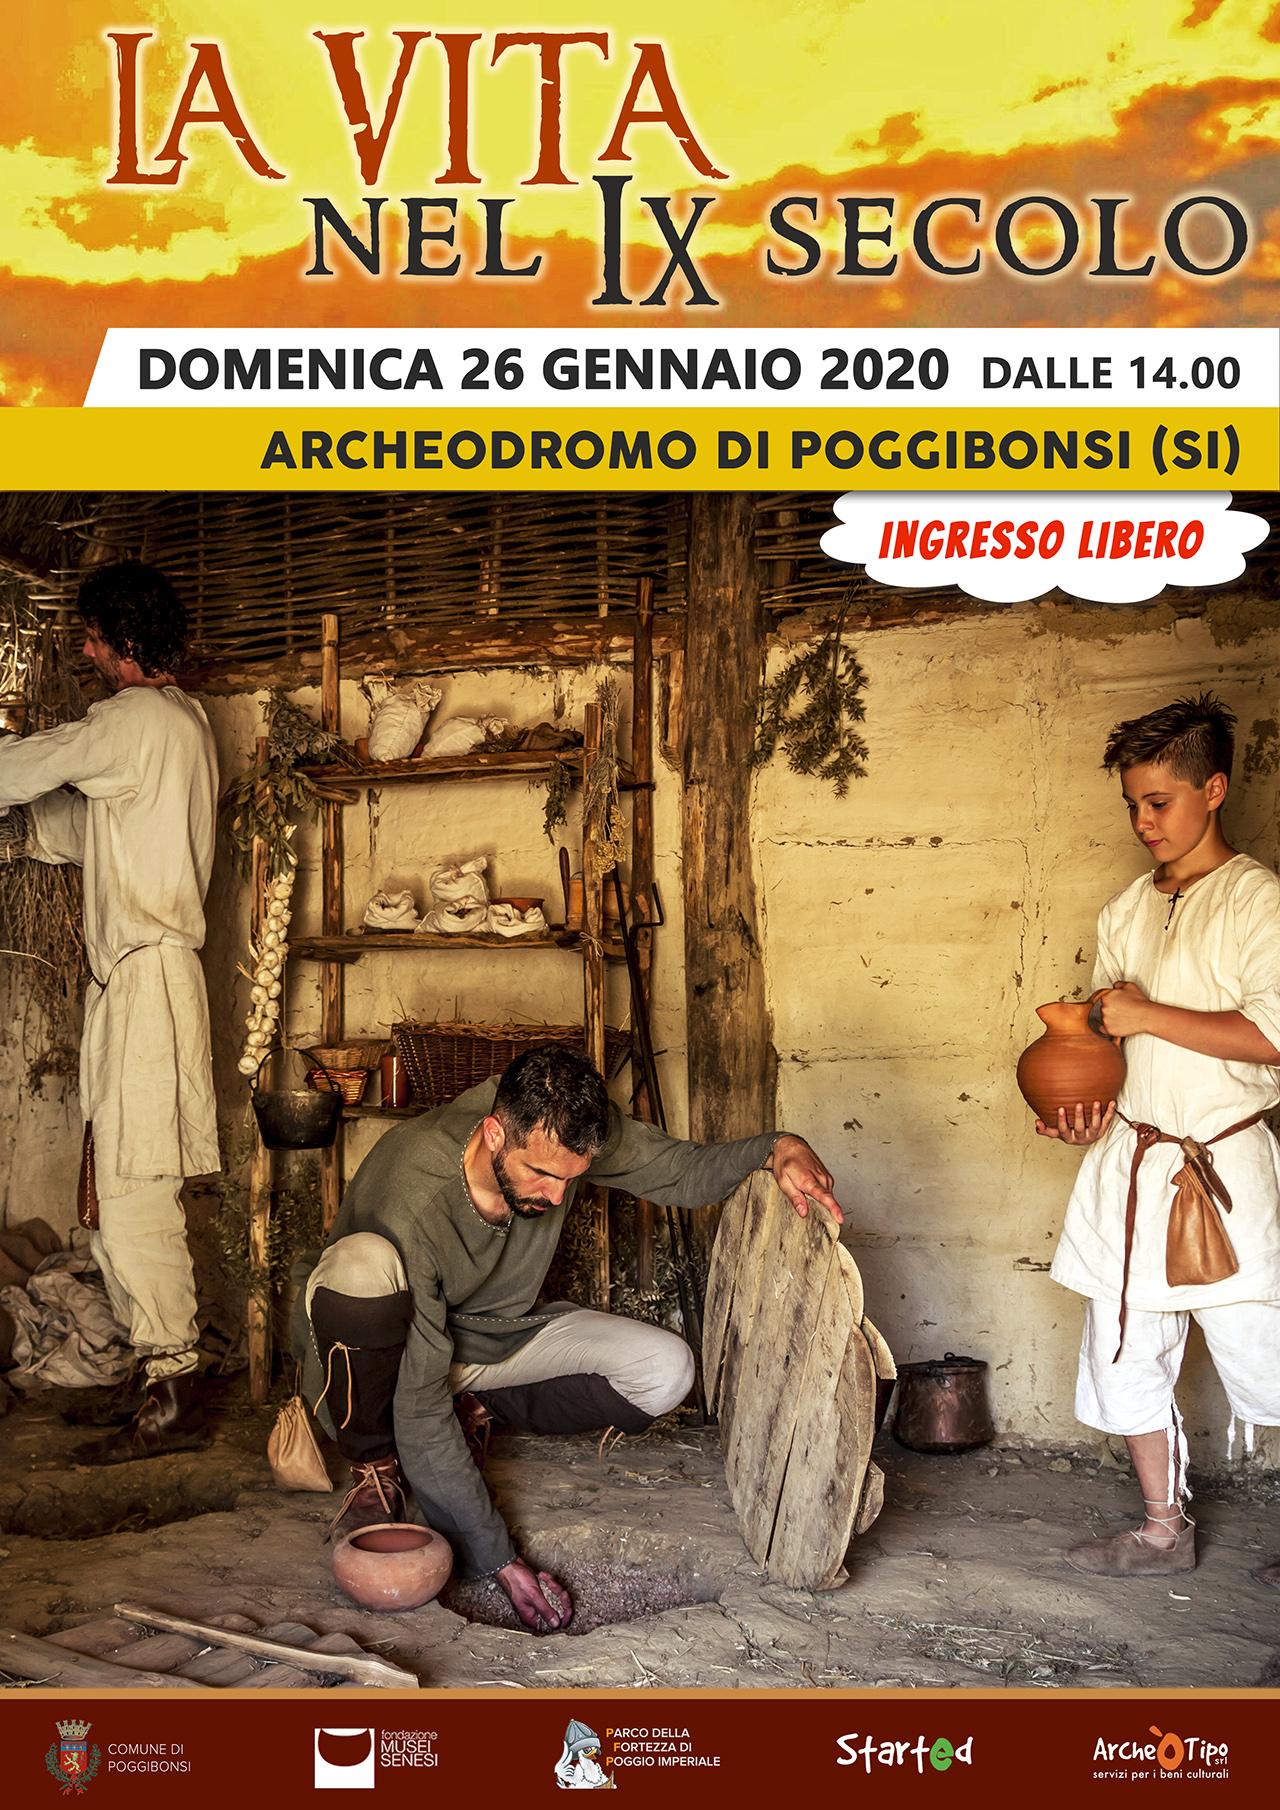 La vita nel IX secolo - Domenica 26 gennaio 2020